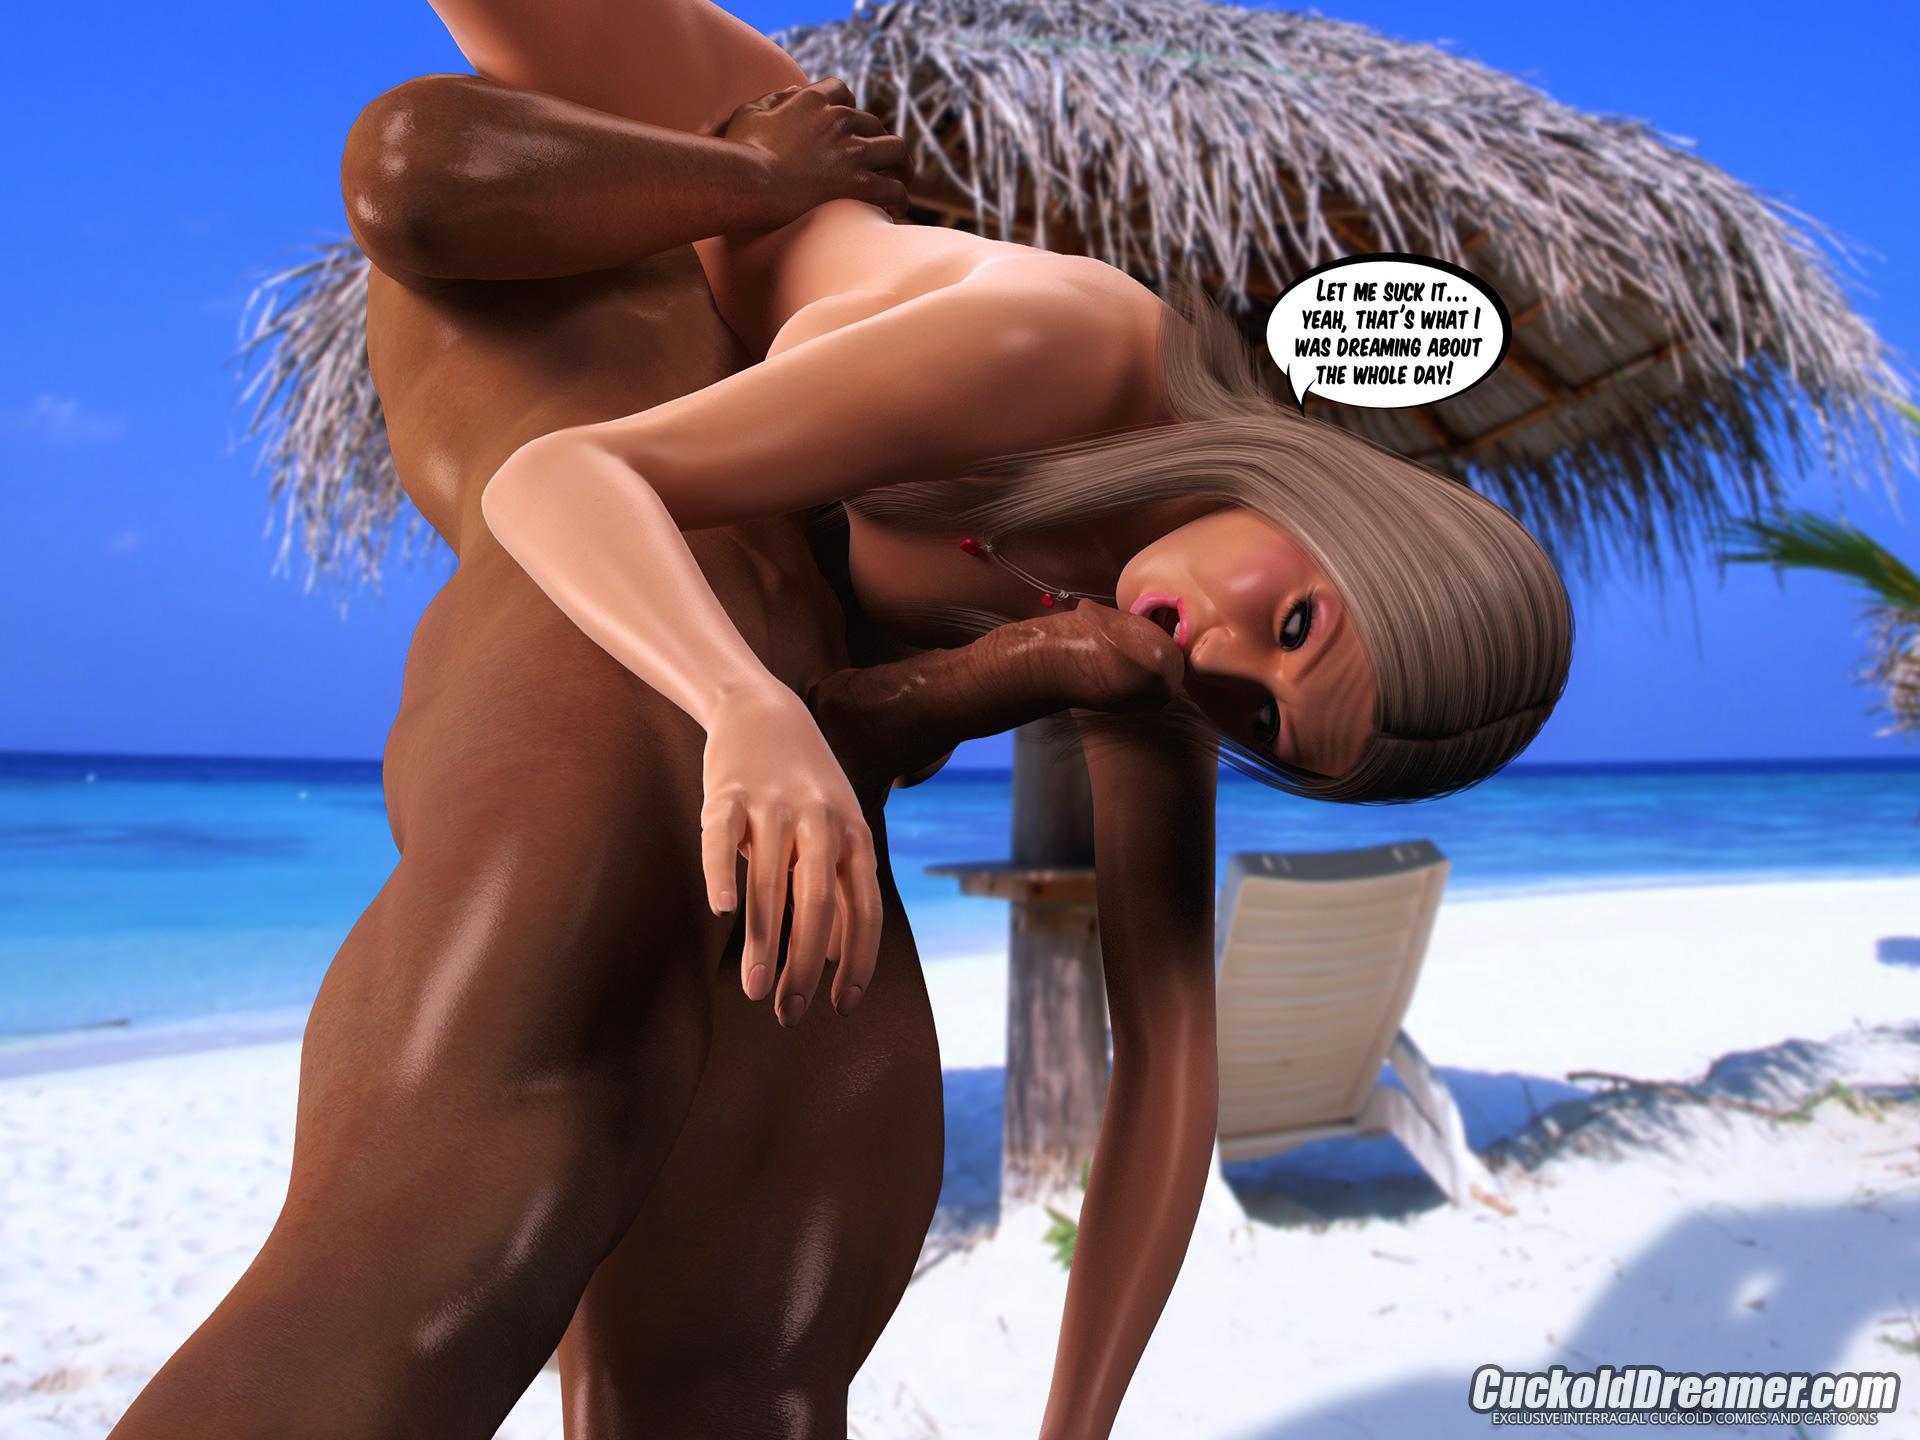 아내가 배고픈 대 블랙 자지 cuckolddreamer - 부품 2